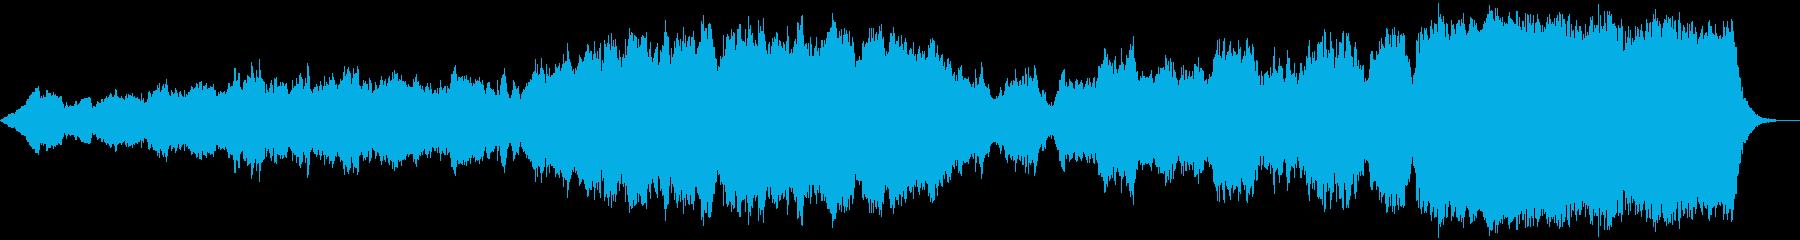 地球を讃えるクラシック曲の再生済みの波形